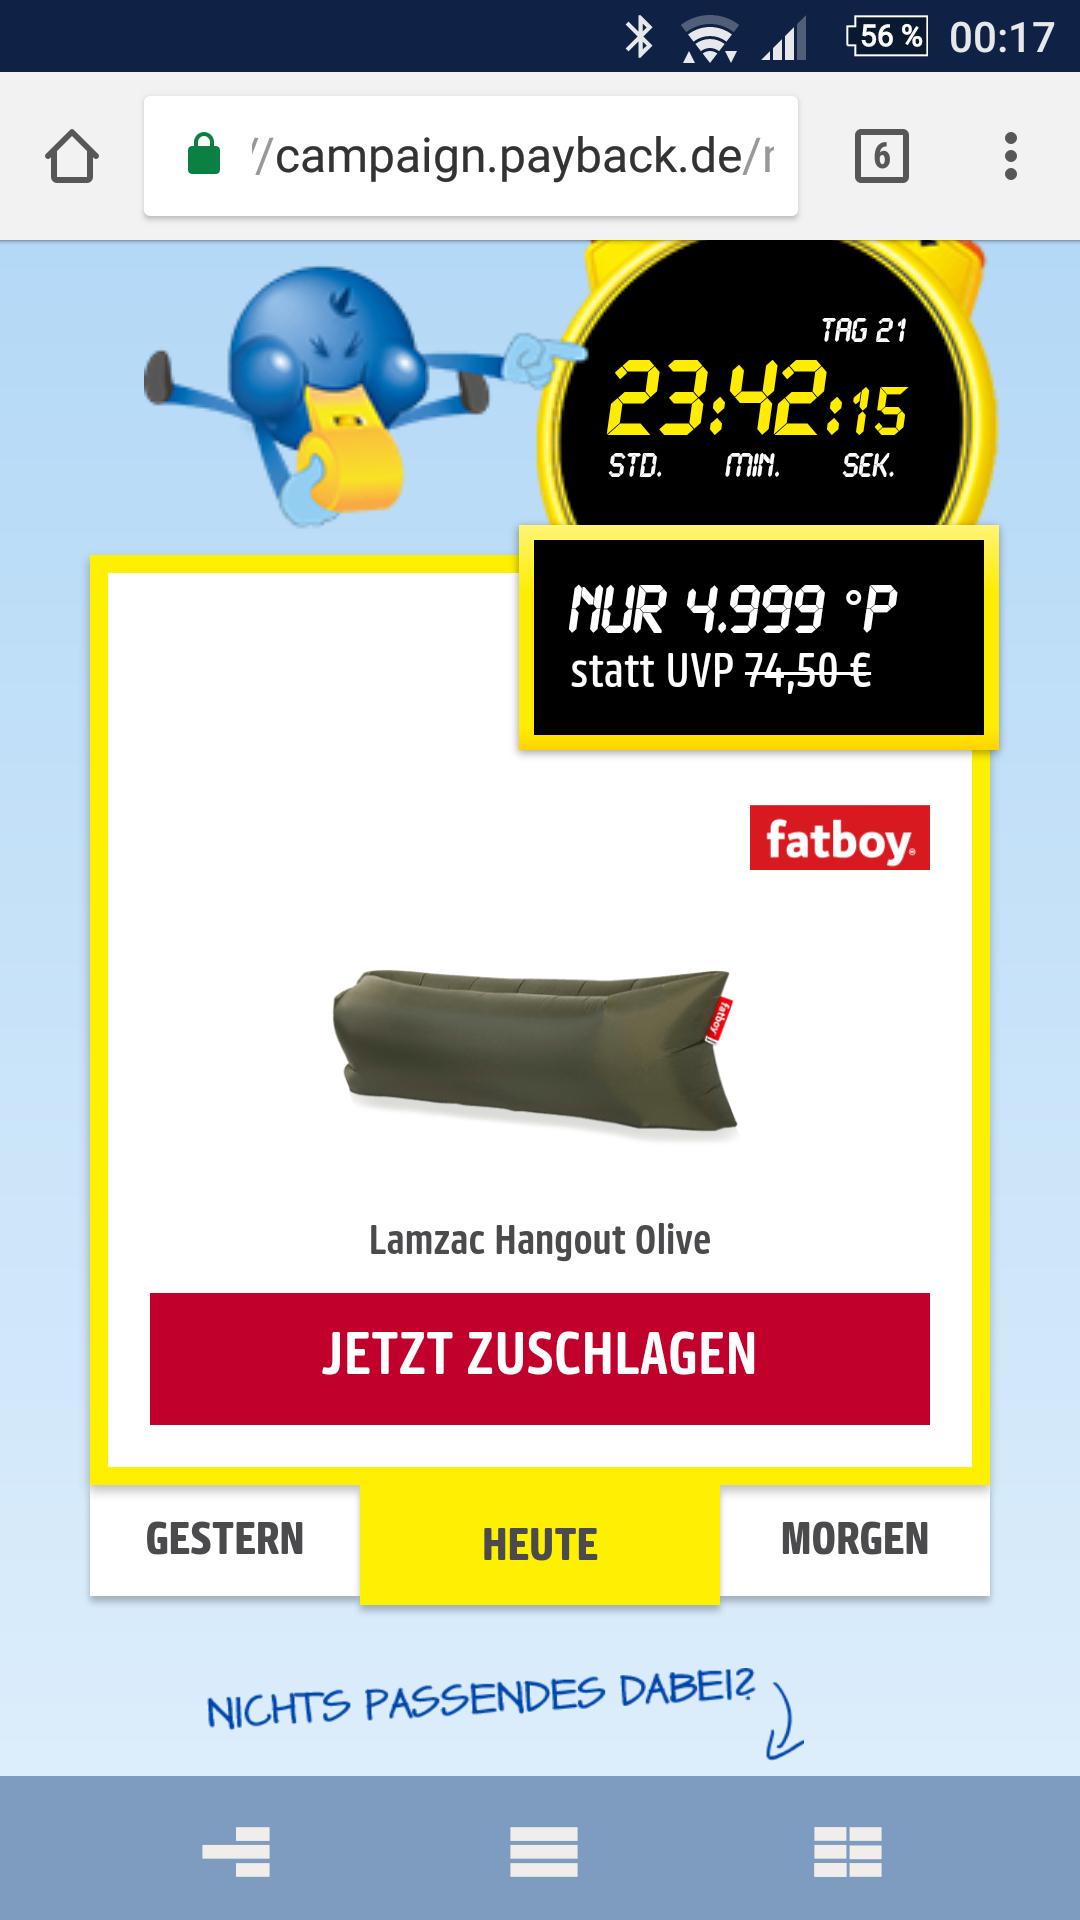 Fatboy lamzac hangout oliv +200 Punkte